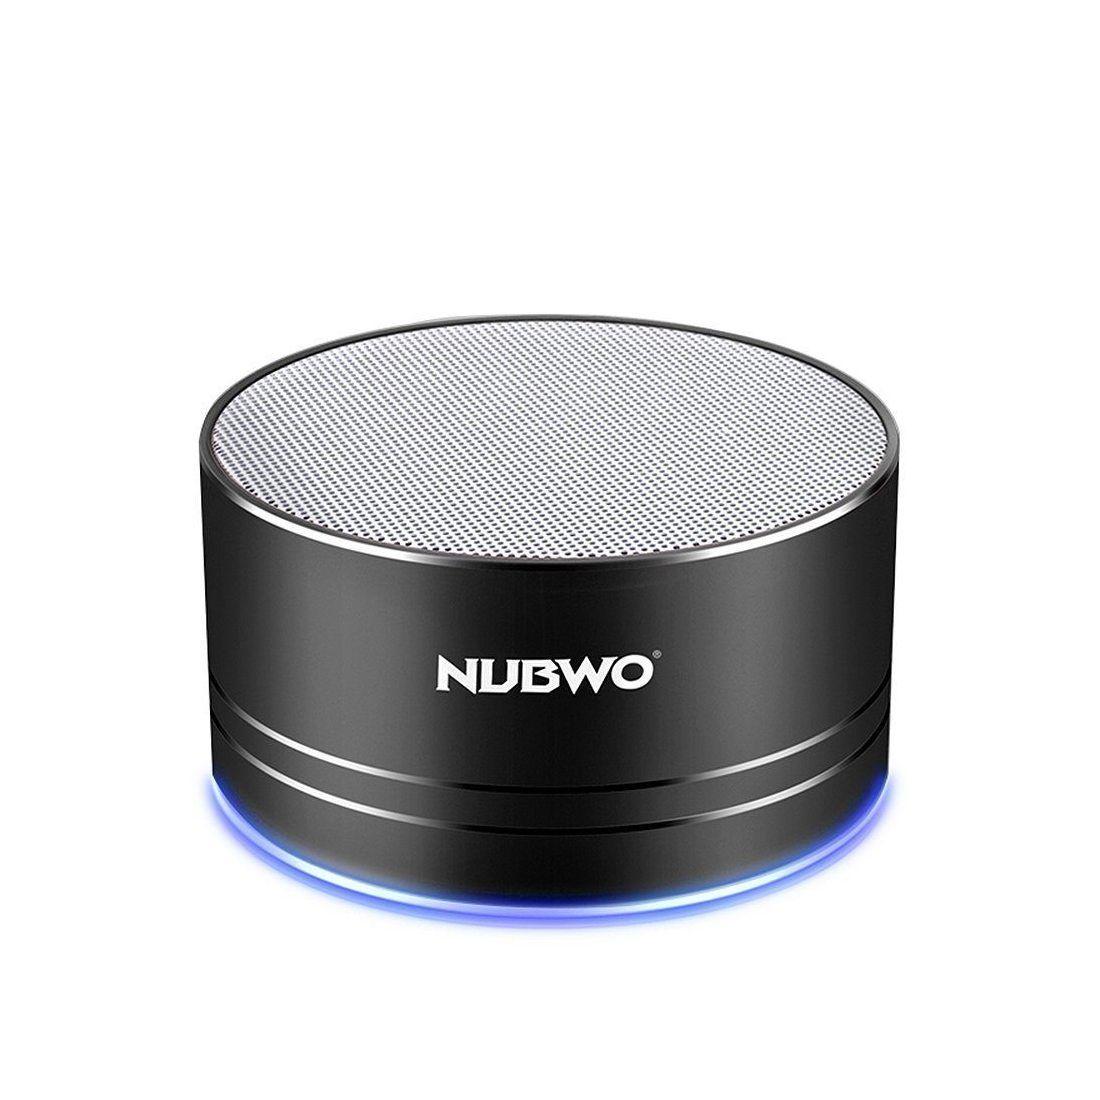 Haut-Parleur Bluetooth, Nubwo Mini Haut-parleur de Voyage Portable Sans Fil avec Son de Qualité Supérieure, 5 heures de Lectu